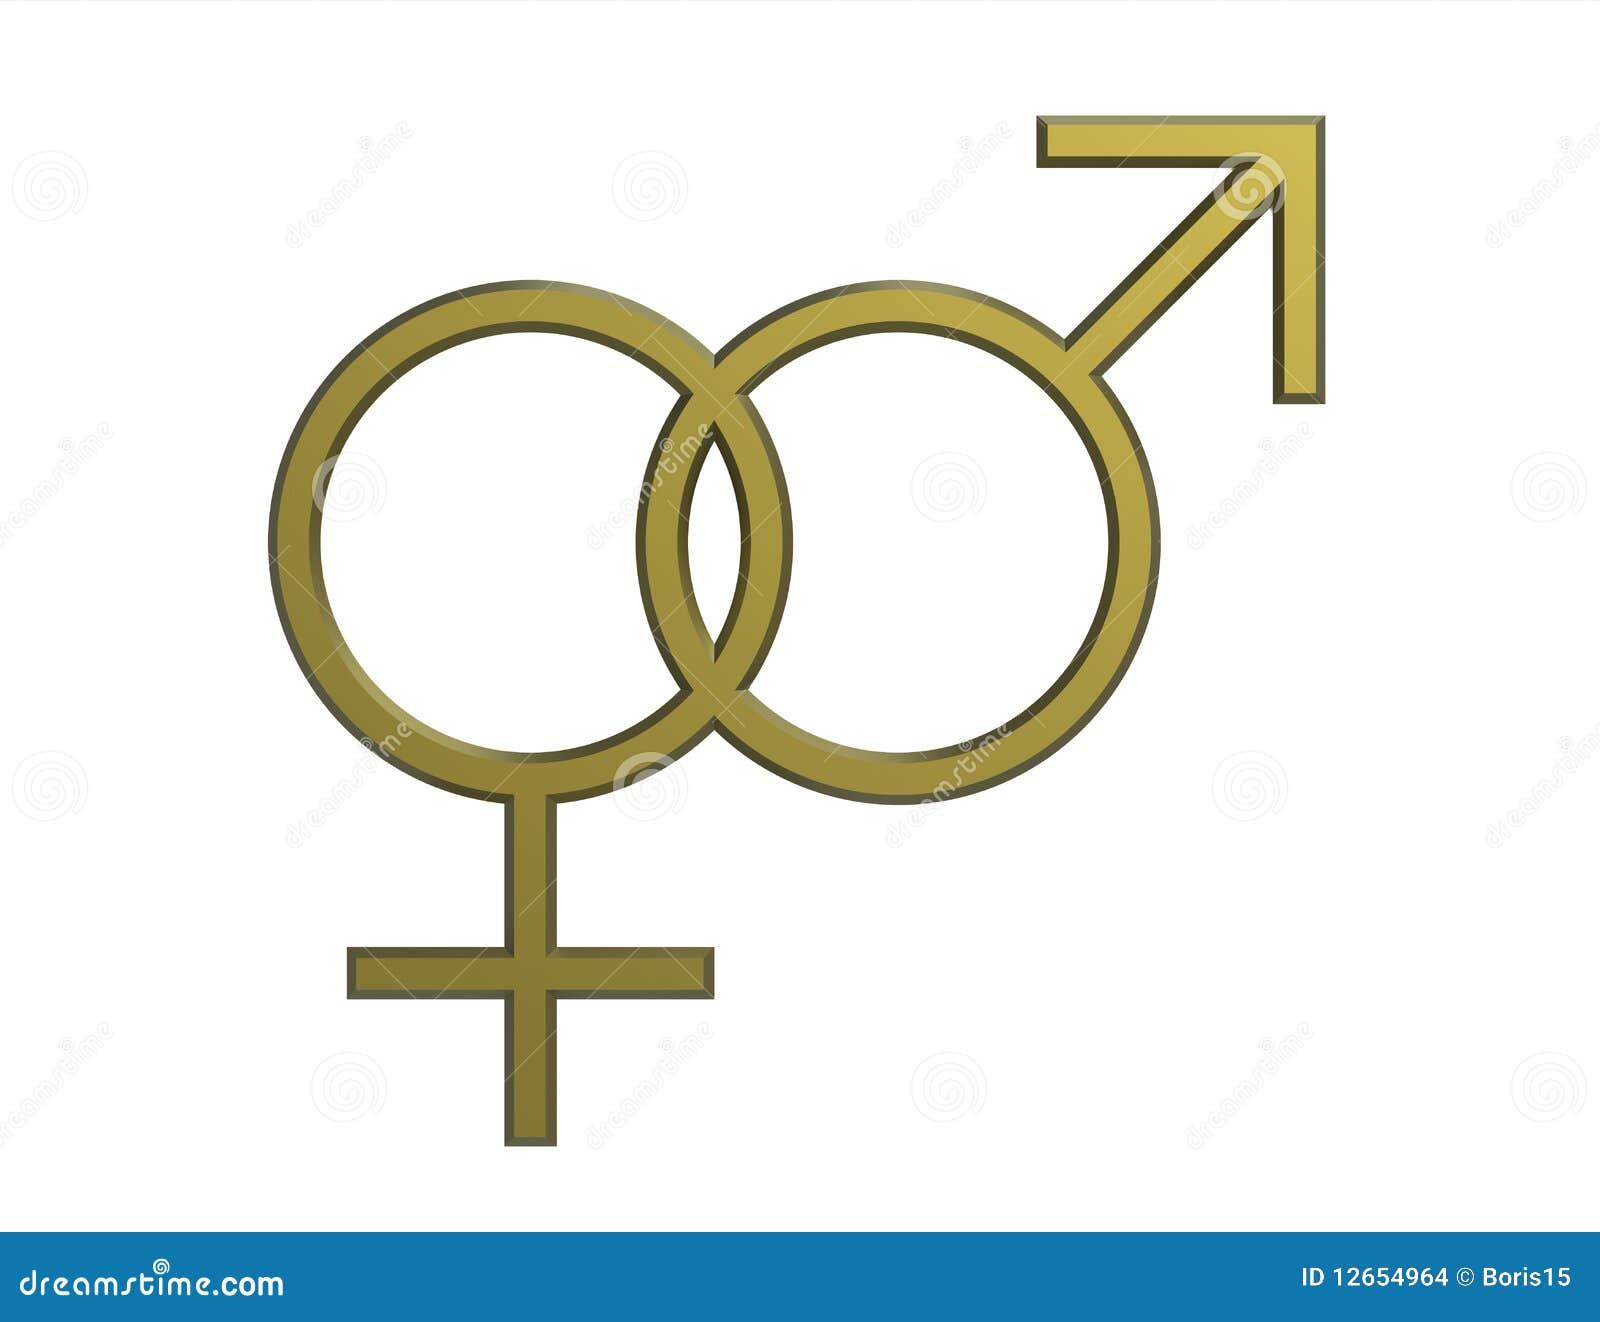 boy sex symbol